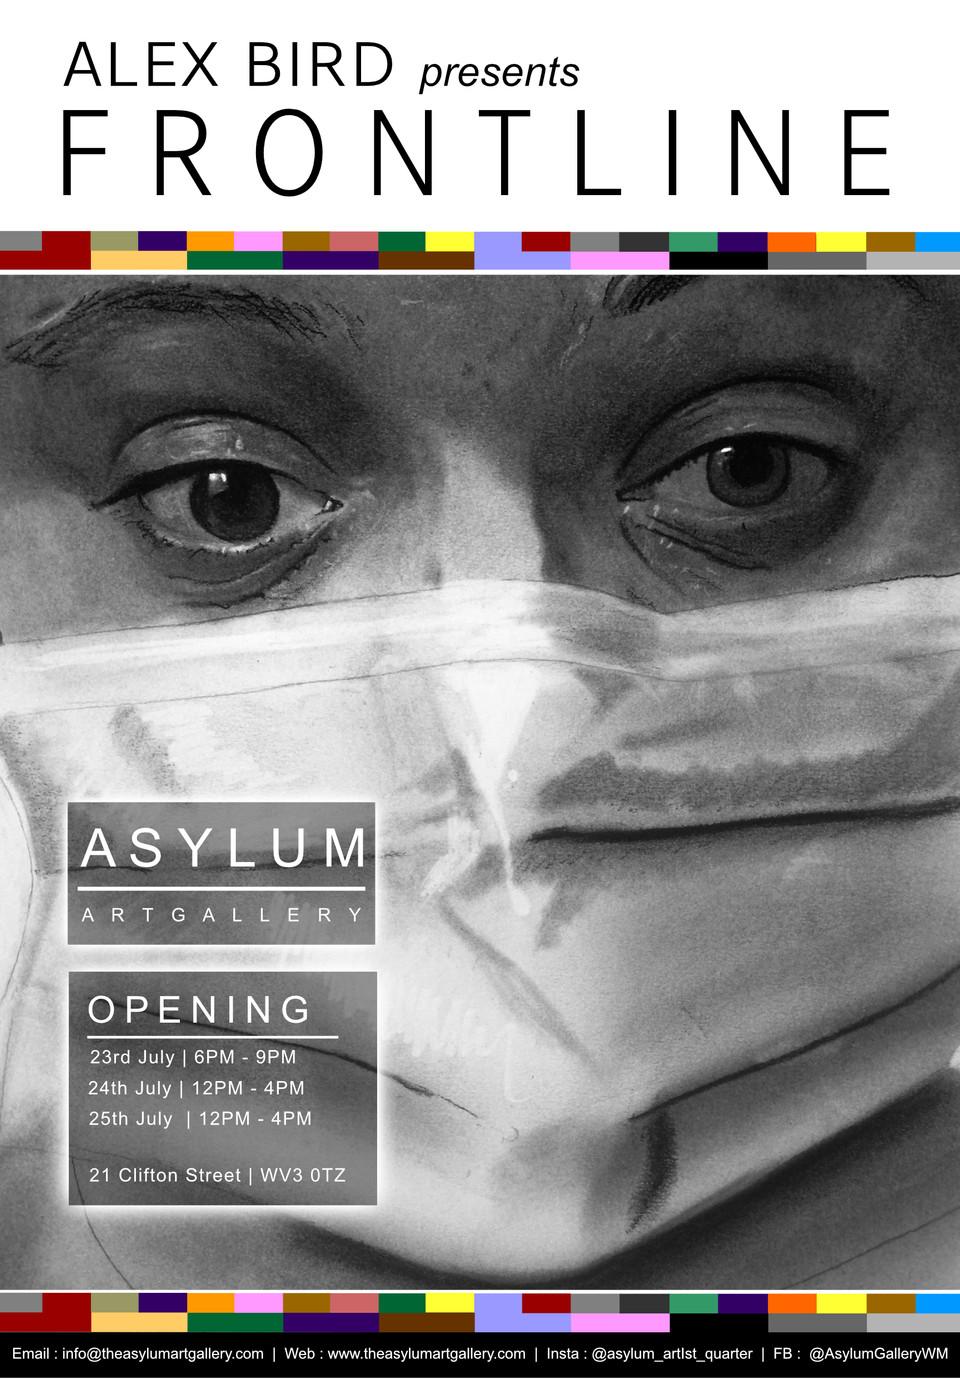 ASYLUM A5 Flyer Alex Bird.jpg